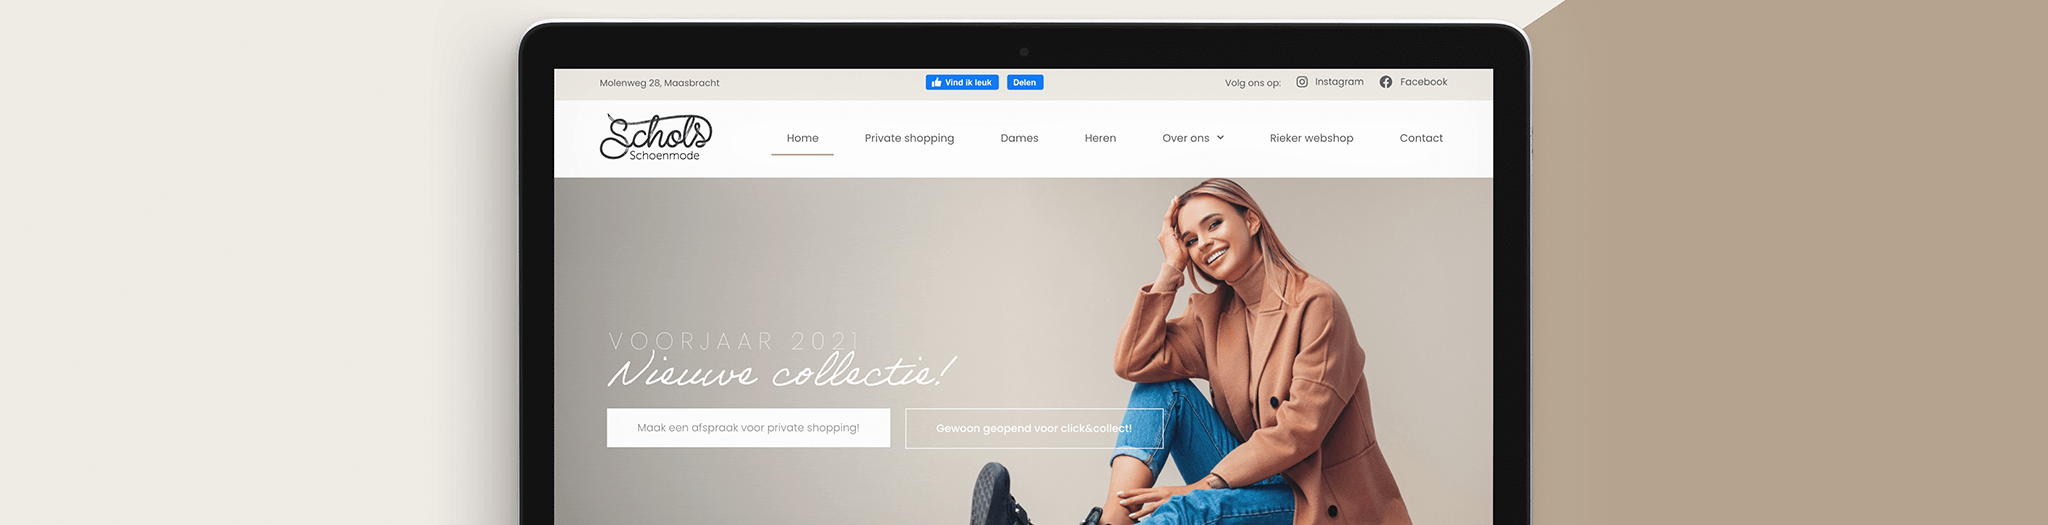 Schols Schoenmode nieuwe website